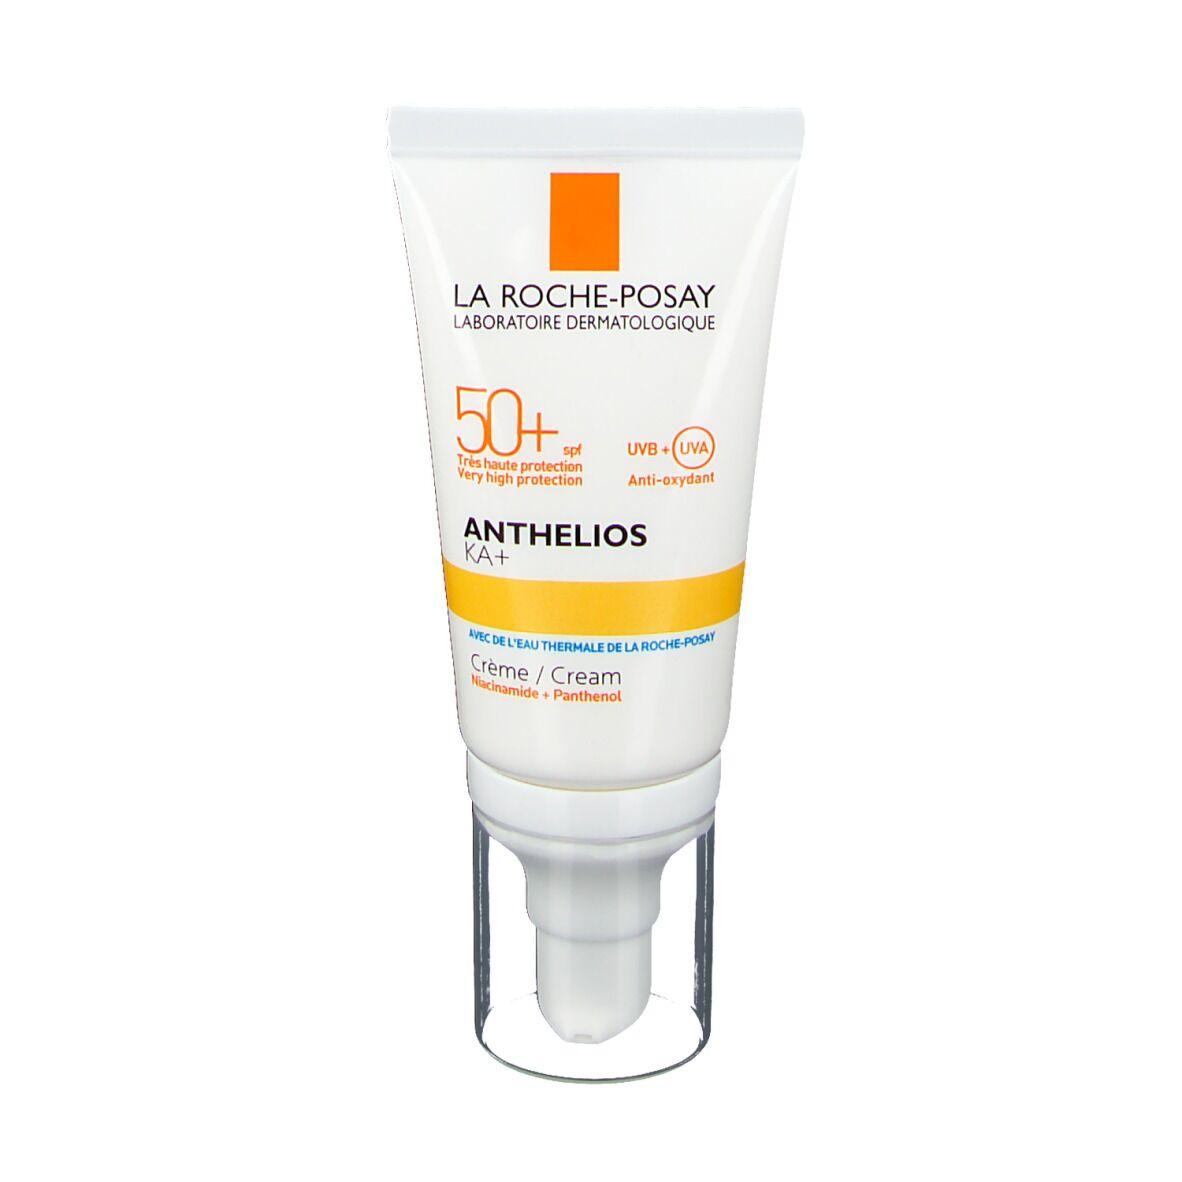 L'orealBelgilux-DivisionCosmetiqueActive La Roche-Posay Anthélios KA+ SPF50+ ml crème solaire